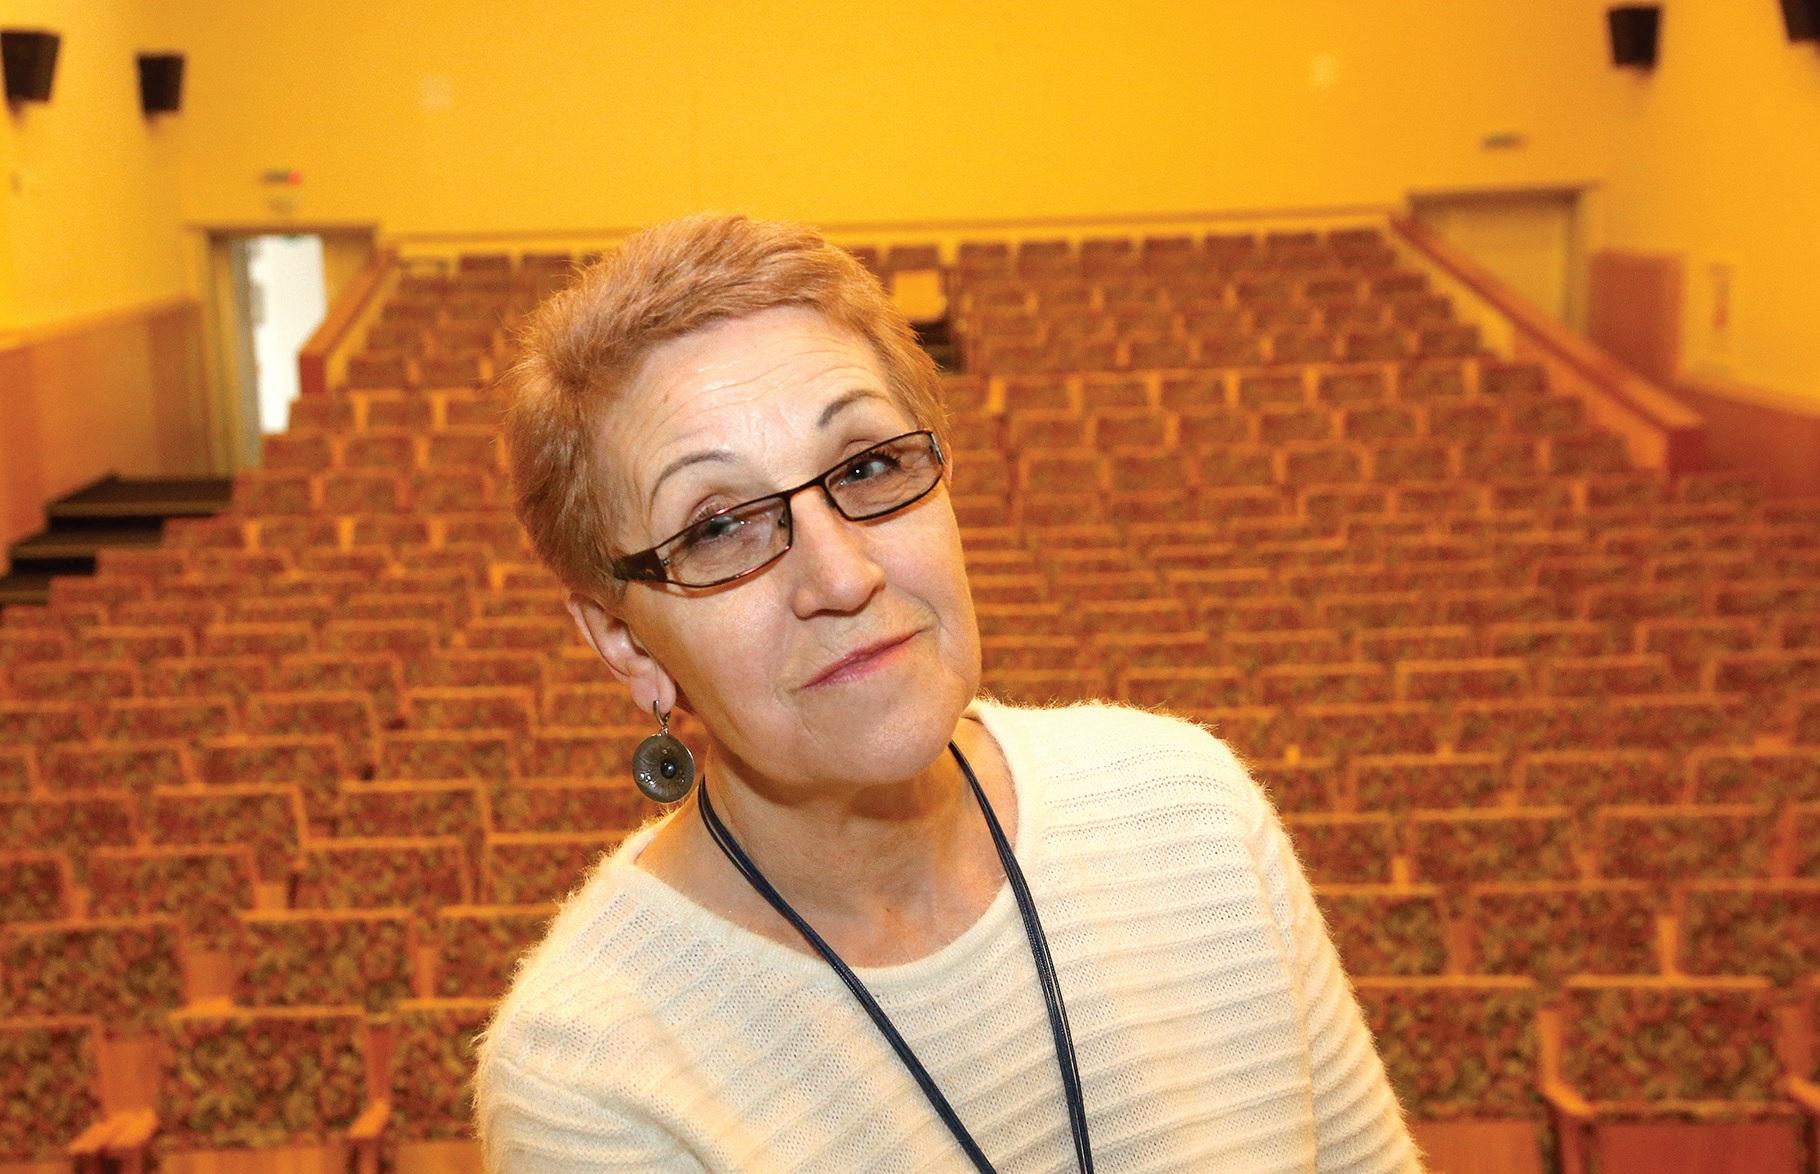 Kultūros premijos laureatė  poetė, režisierė Genovaitė Gustytė visą gyvenimą siekė mokytis, tobulėti. Šiuo metu studijuoja Rašytojų akademijoje. A. Barzdžiaus nuotr.